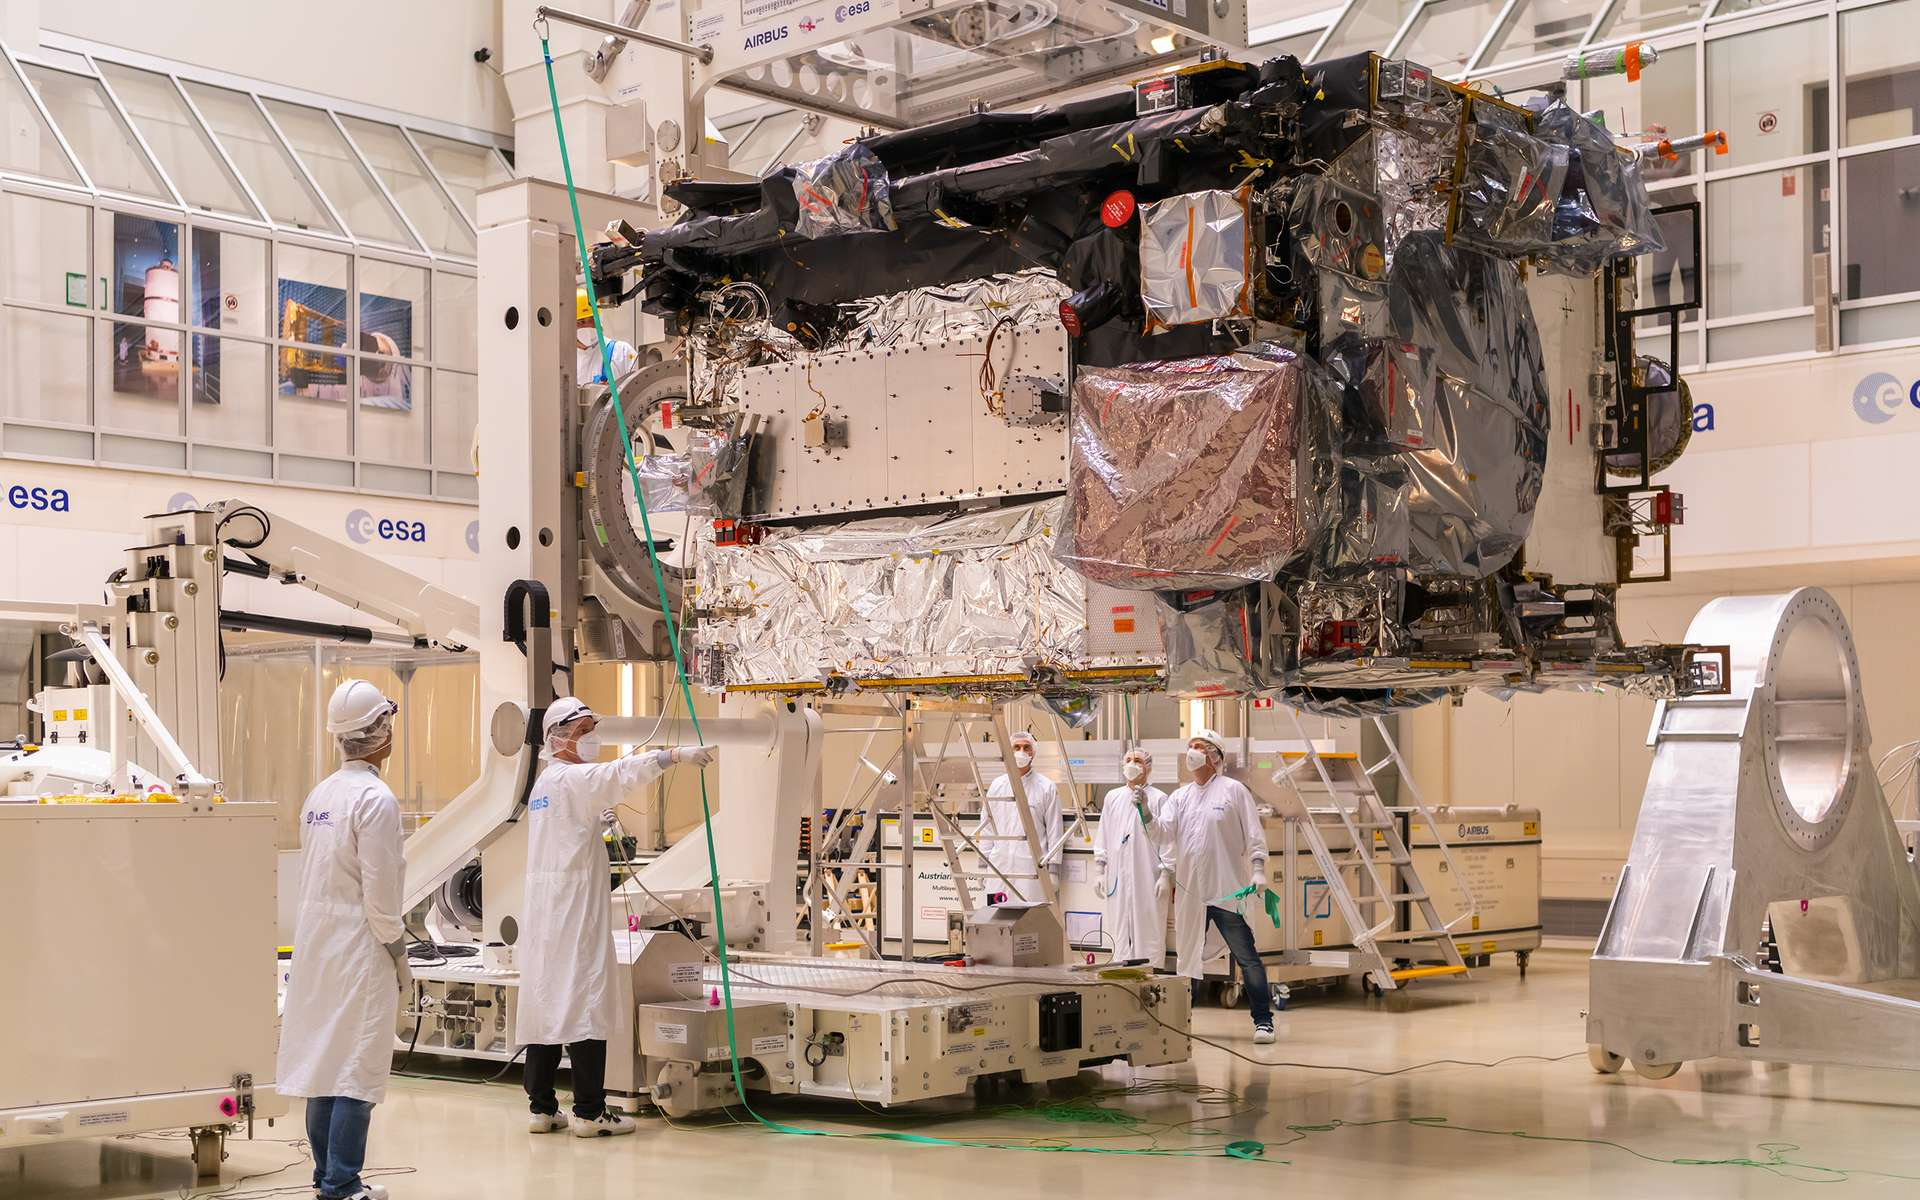 La sonde Juice lors d'essais à l'Estec, le Centre technique de l'Agence spatiale européenne aux Pays-Bas. © ESA